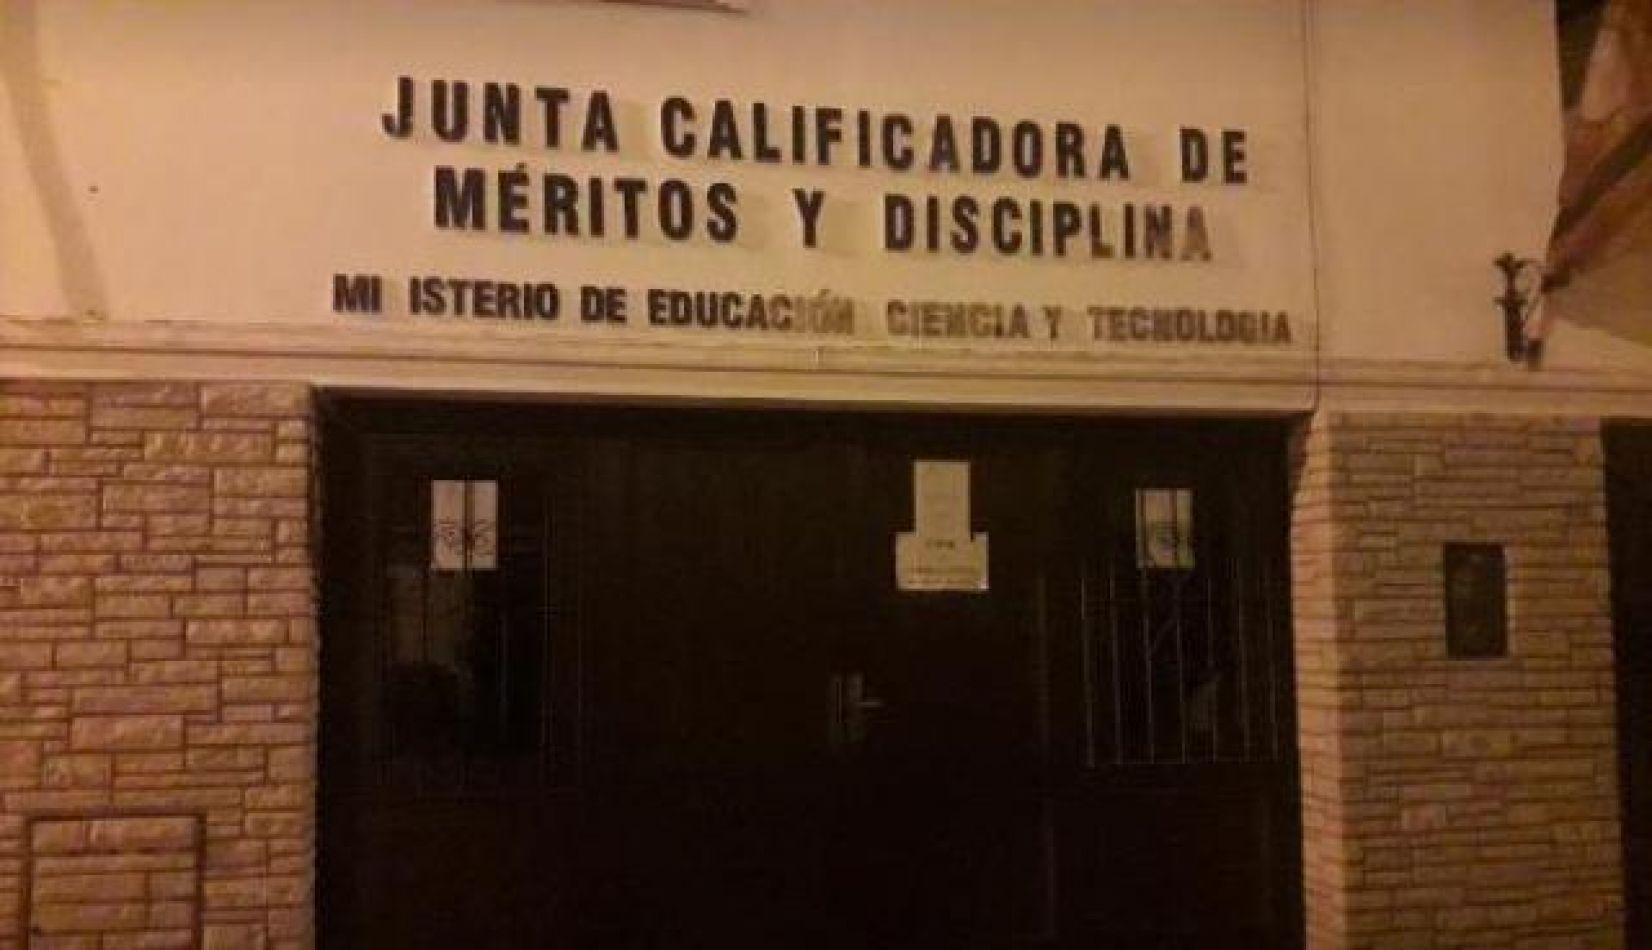 La Junta Calificadora de Méritos no habría actualizado los puntajes de varios docentes y hay malestar